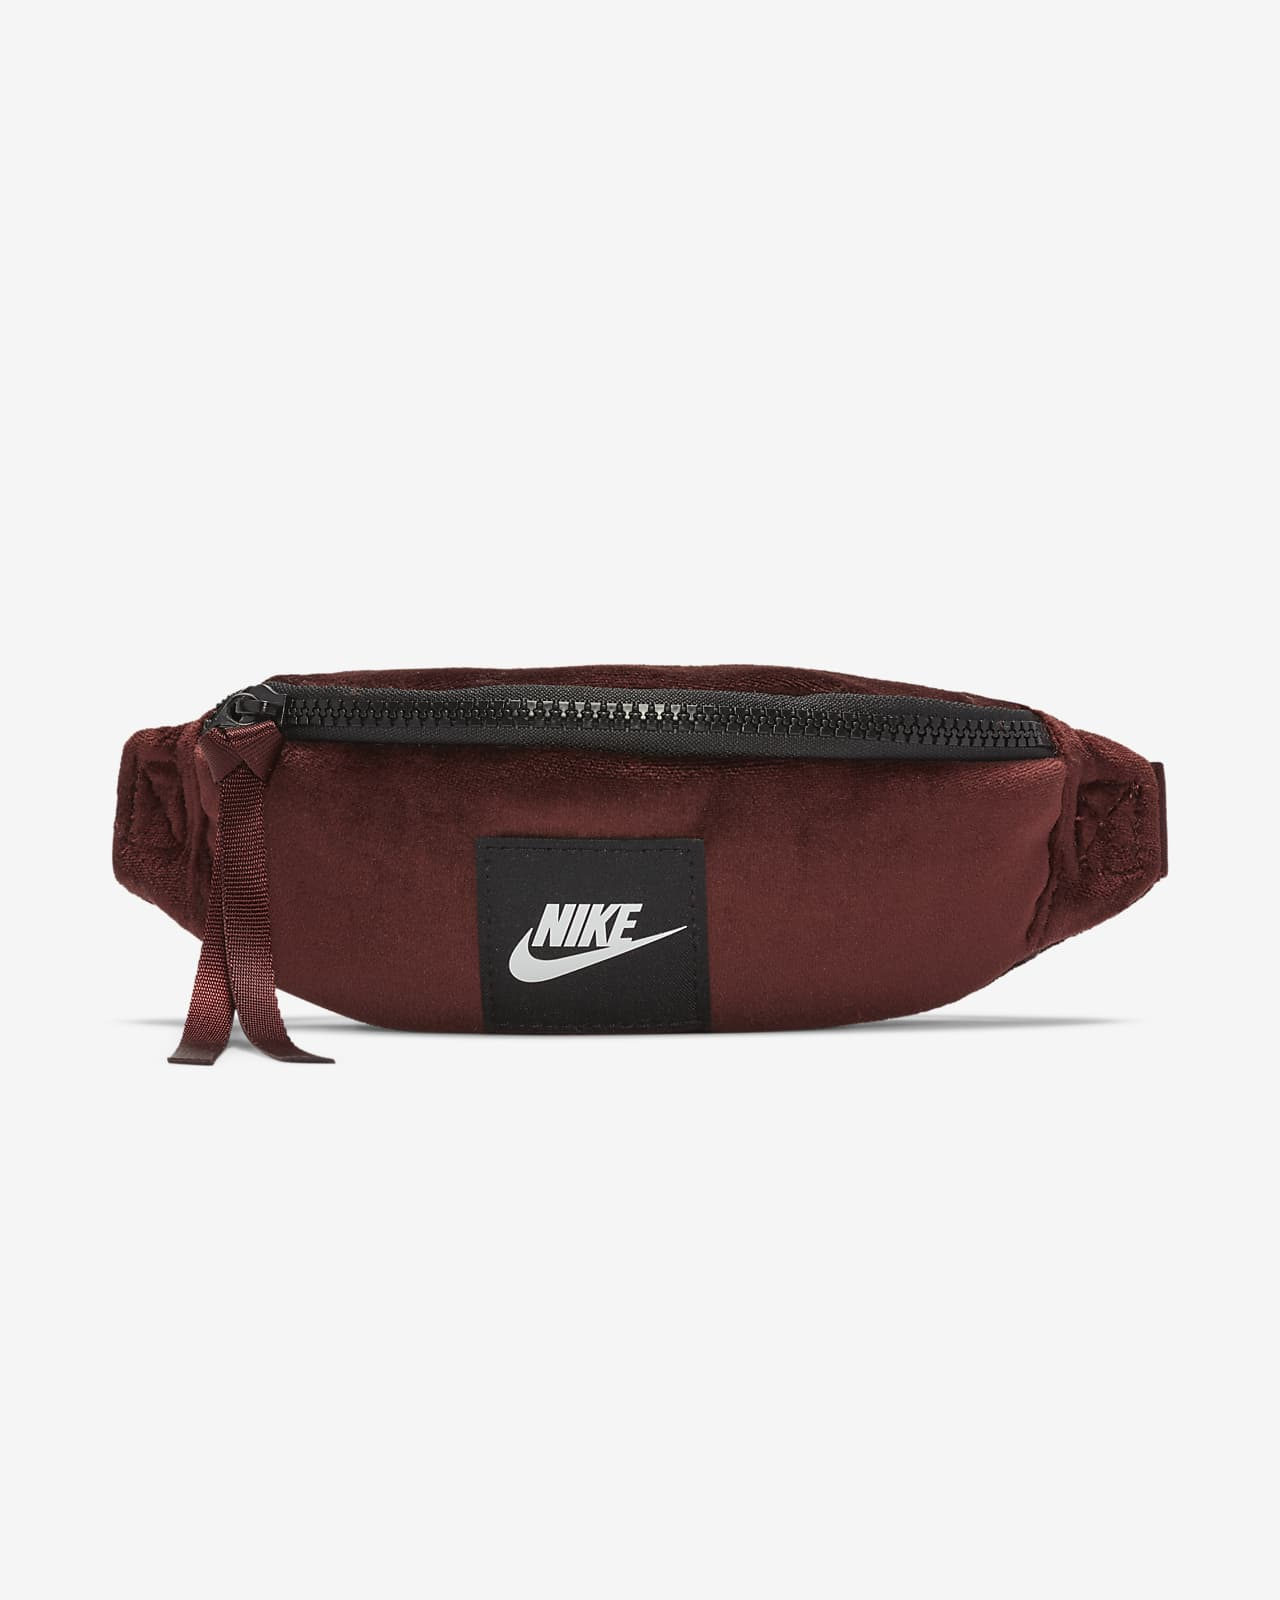 Nike Sportswear Heritage Winterized Hip Pack